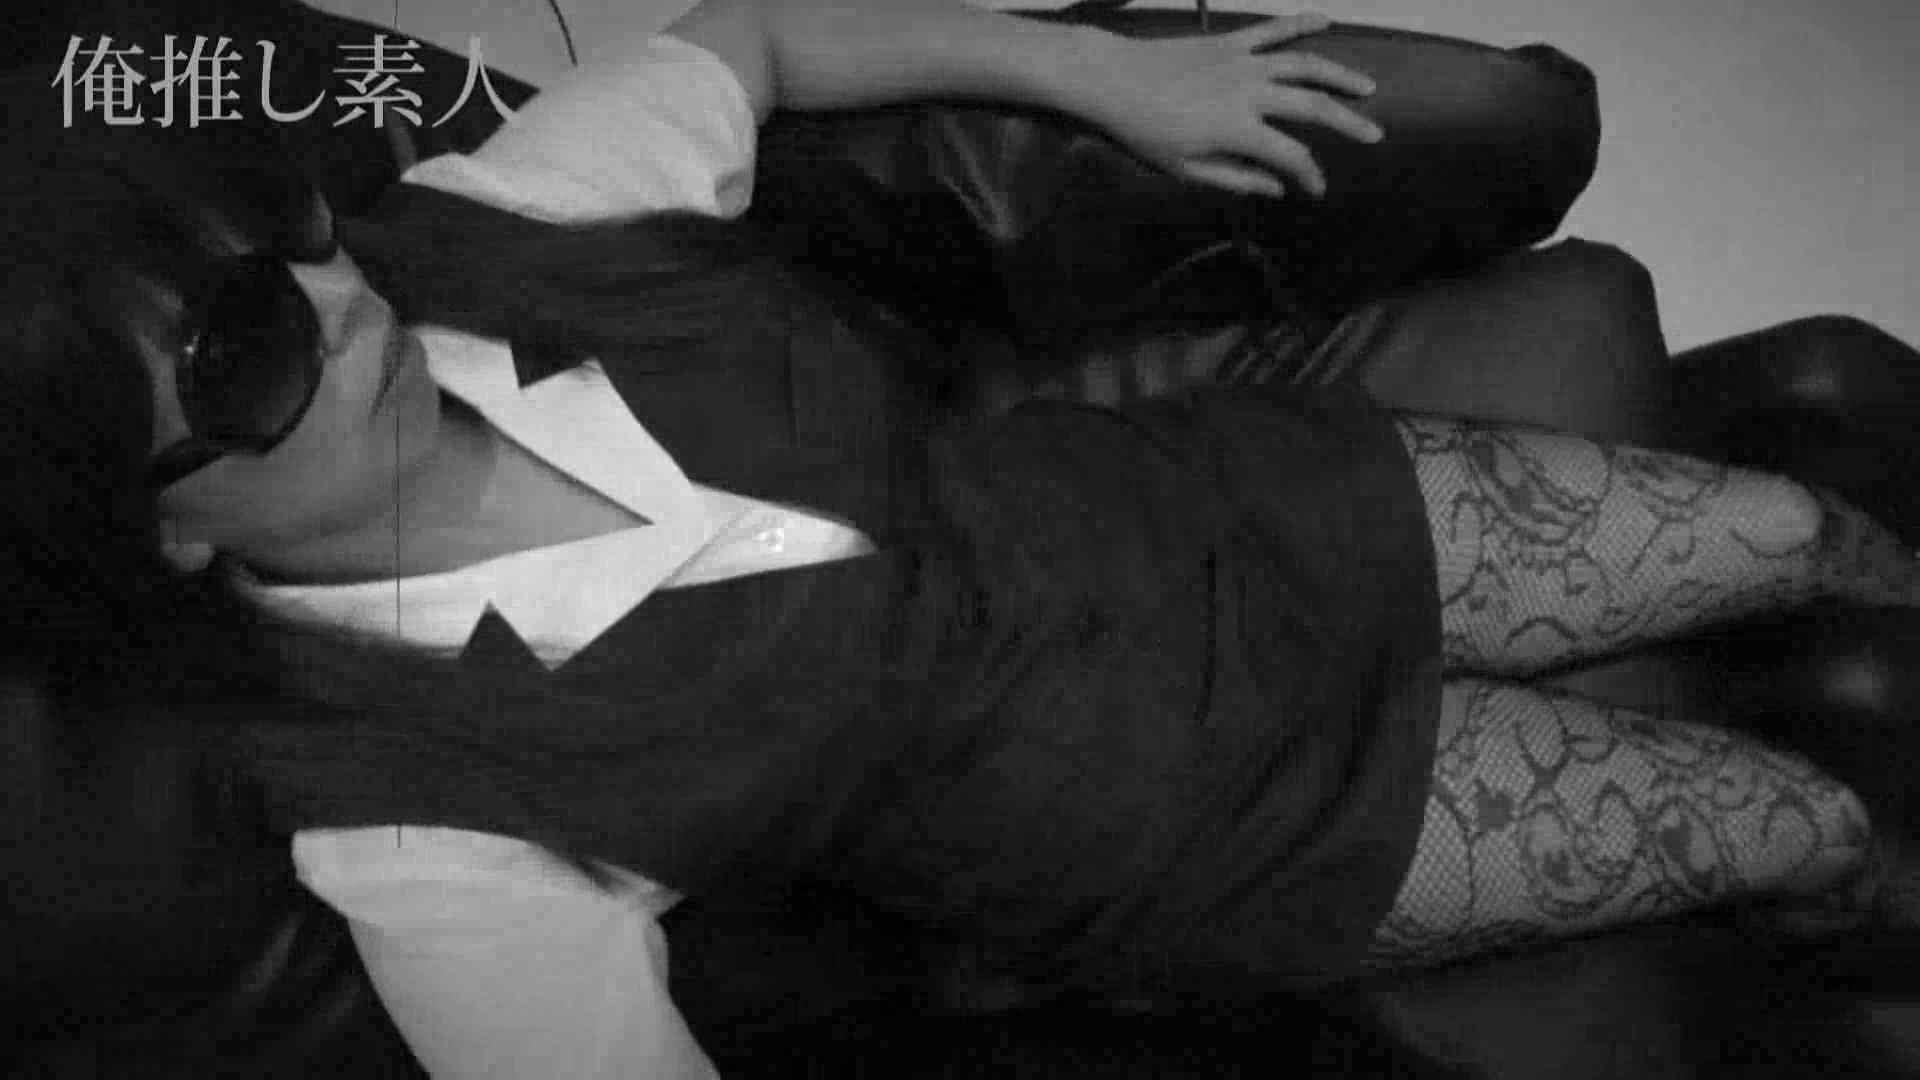 俺推し素人 EカップシングルマザーOL30歳瑤子vol2 口内発射 | 素人  64pic 16